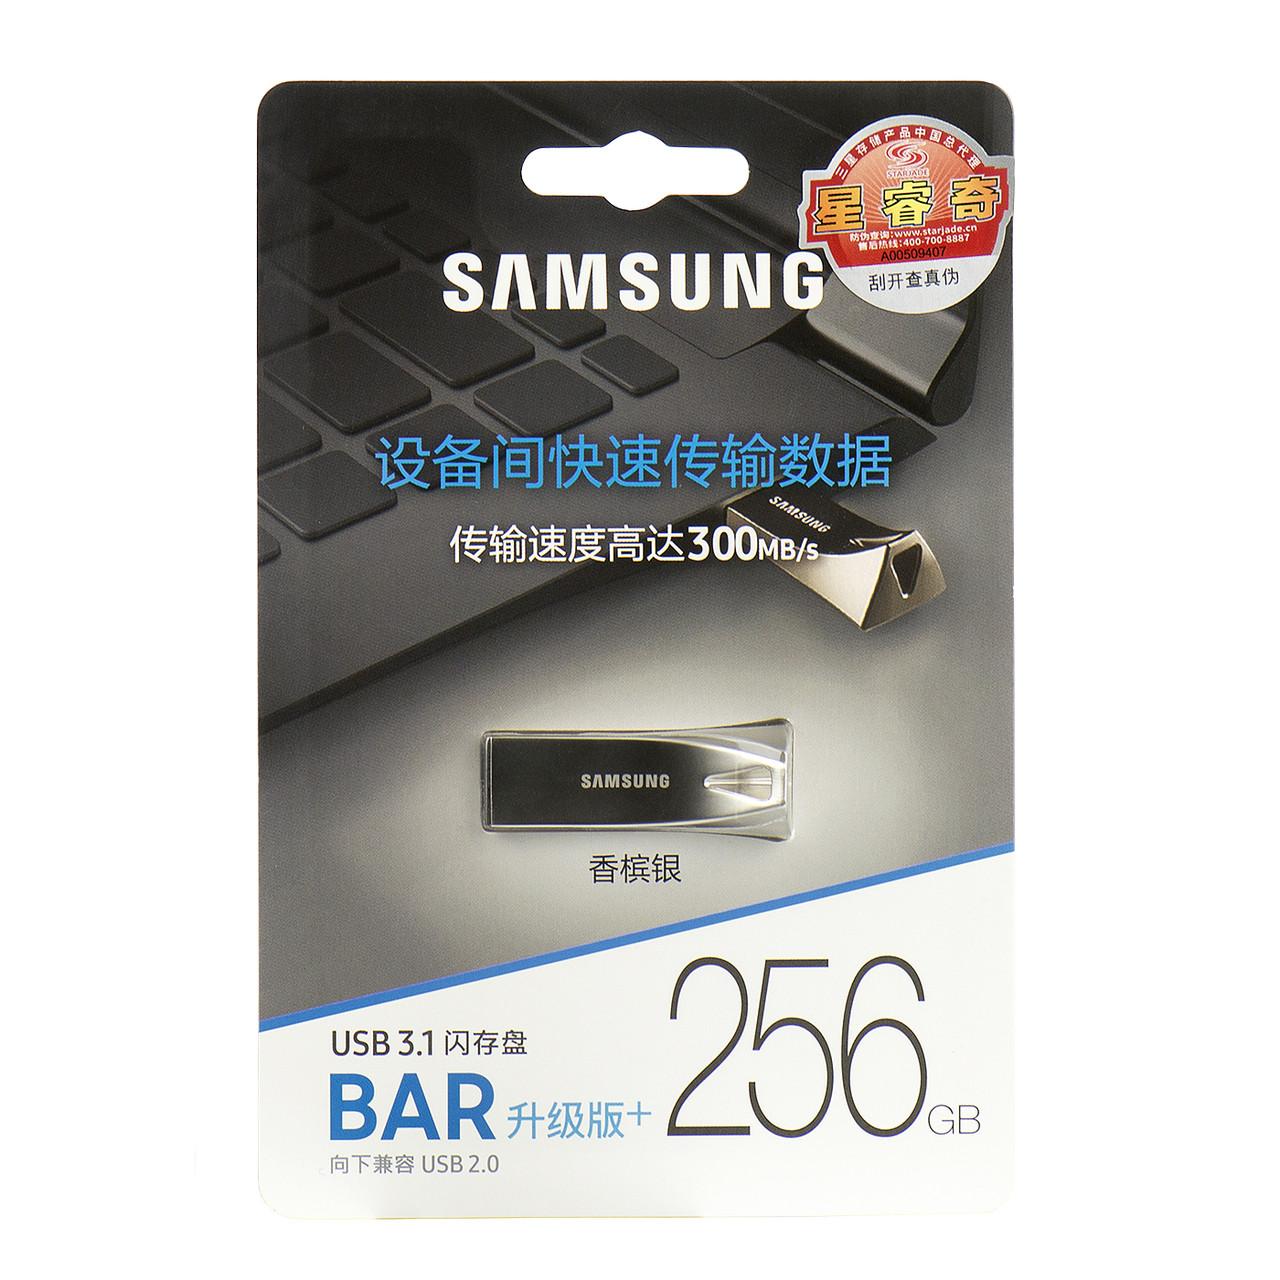 USB Флешка 256Gb Samsung Bar Plus, USB 3.1, Silver